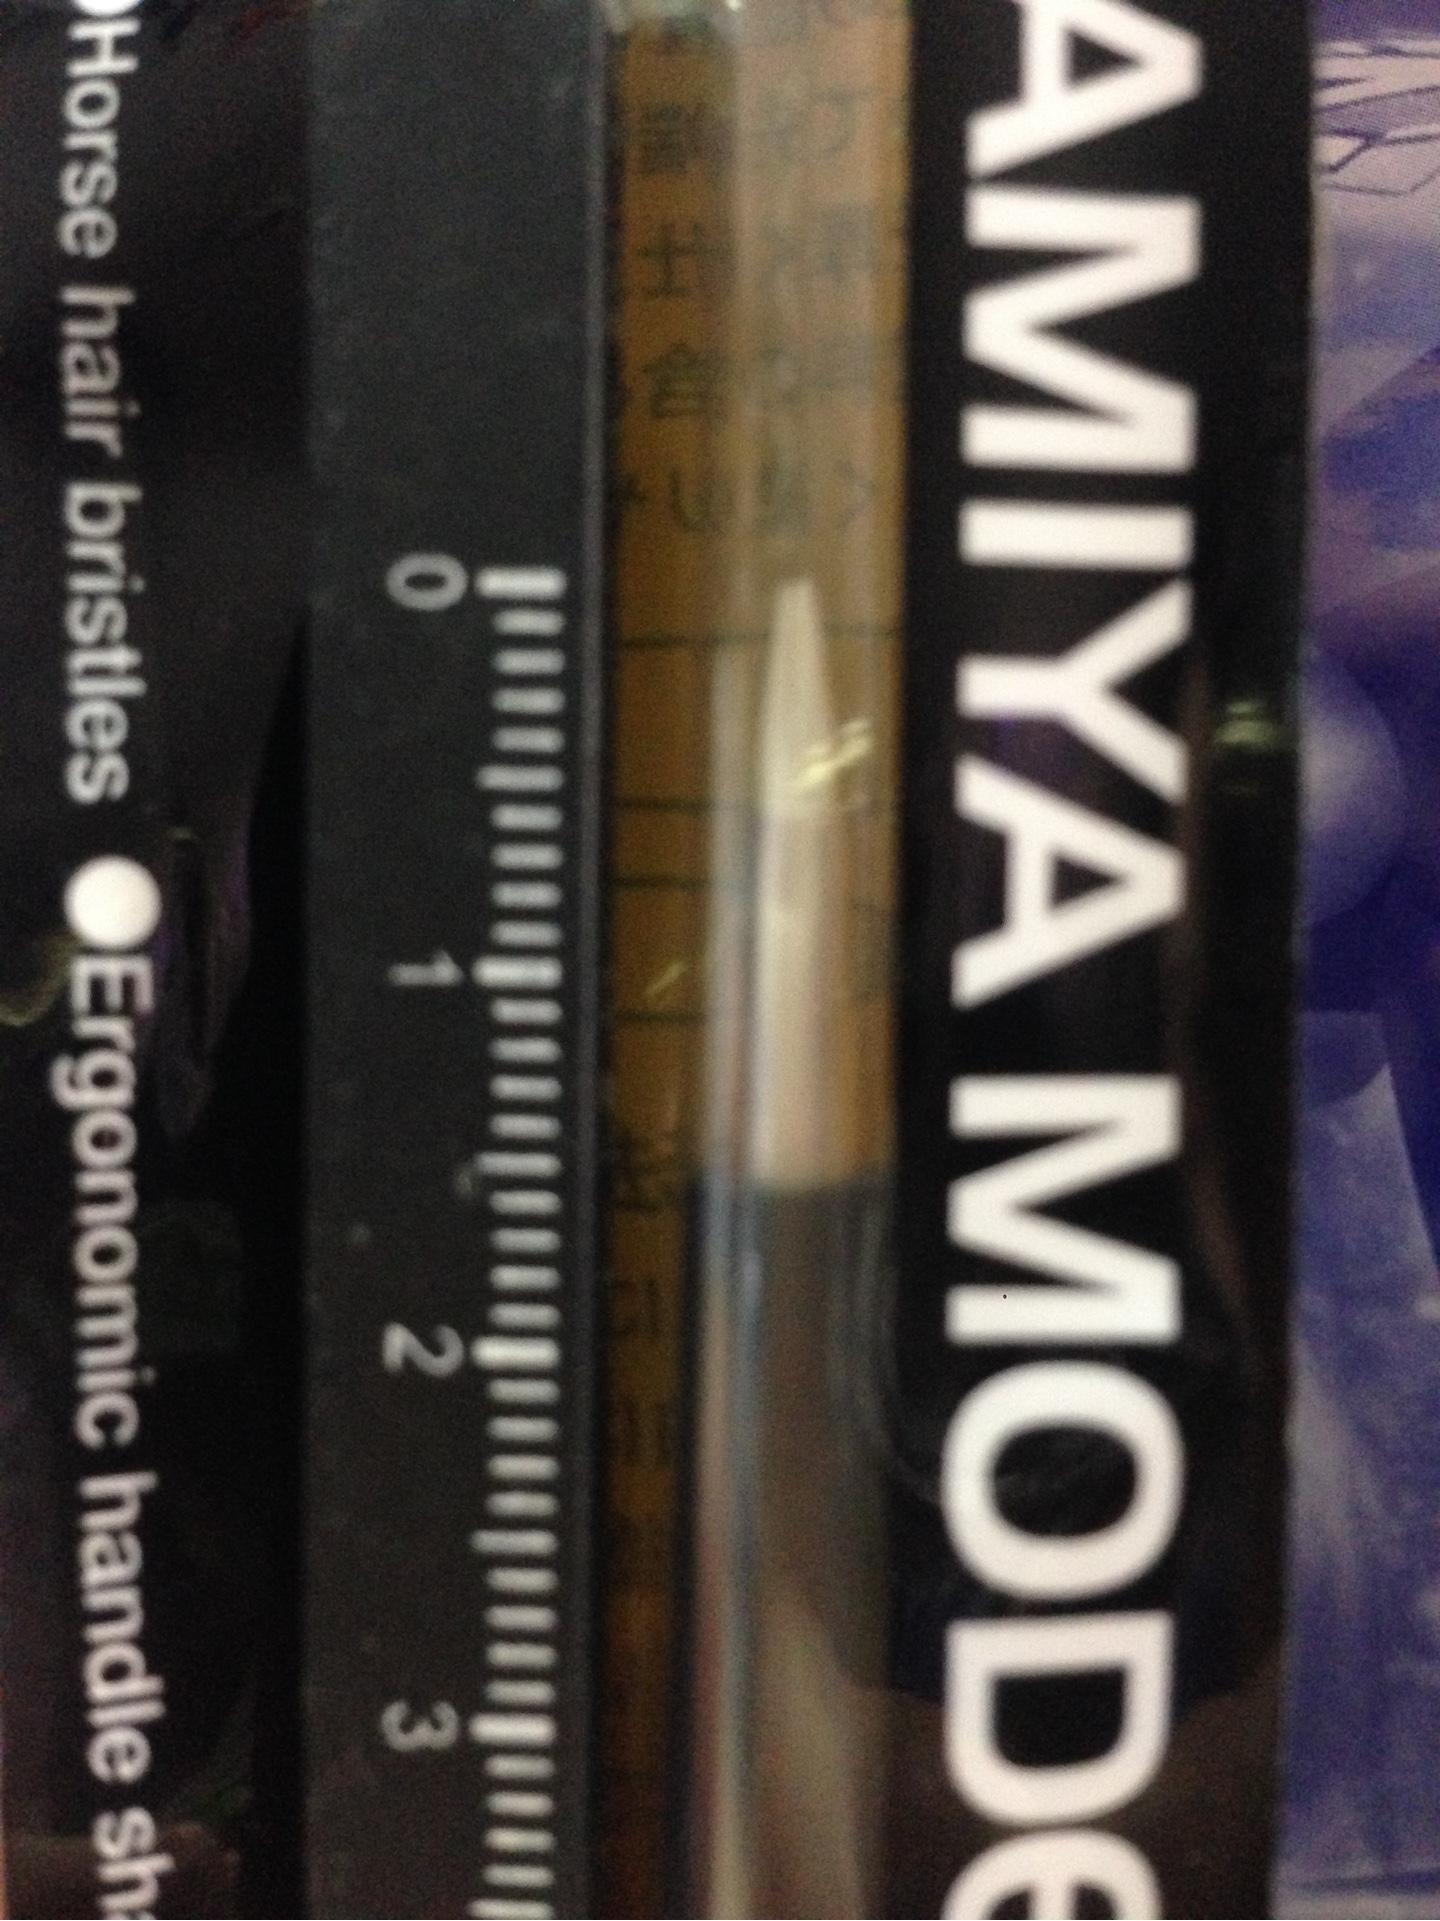 (เหลือ 1 ชิ้น รอเมล์ฉบับที่2 ยืนยัน ก่อนโอน) 87157 Modeling Brush HG Flat Brush X Small